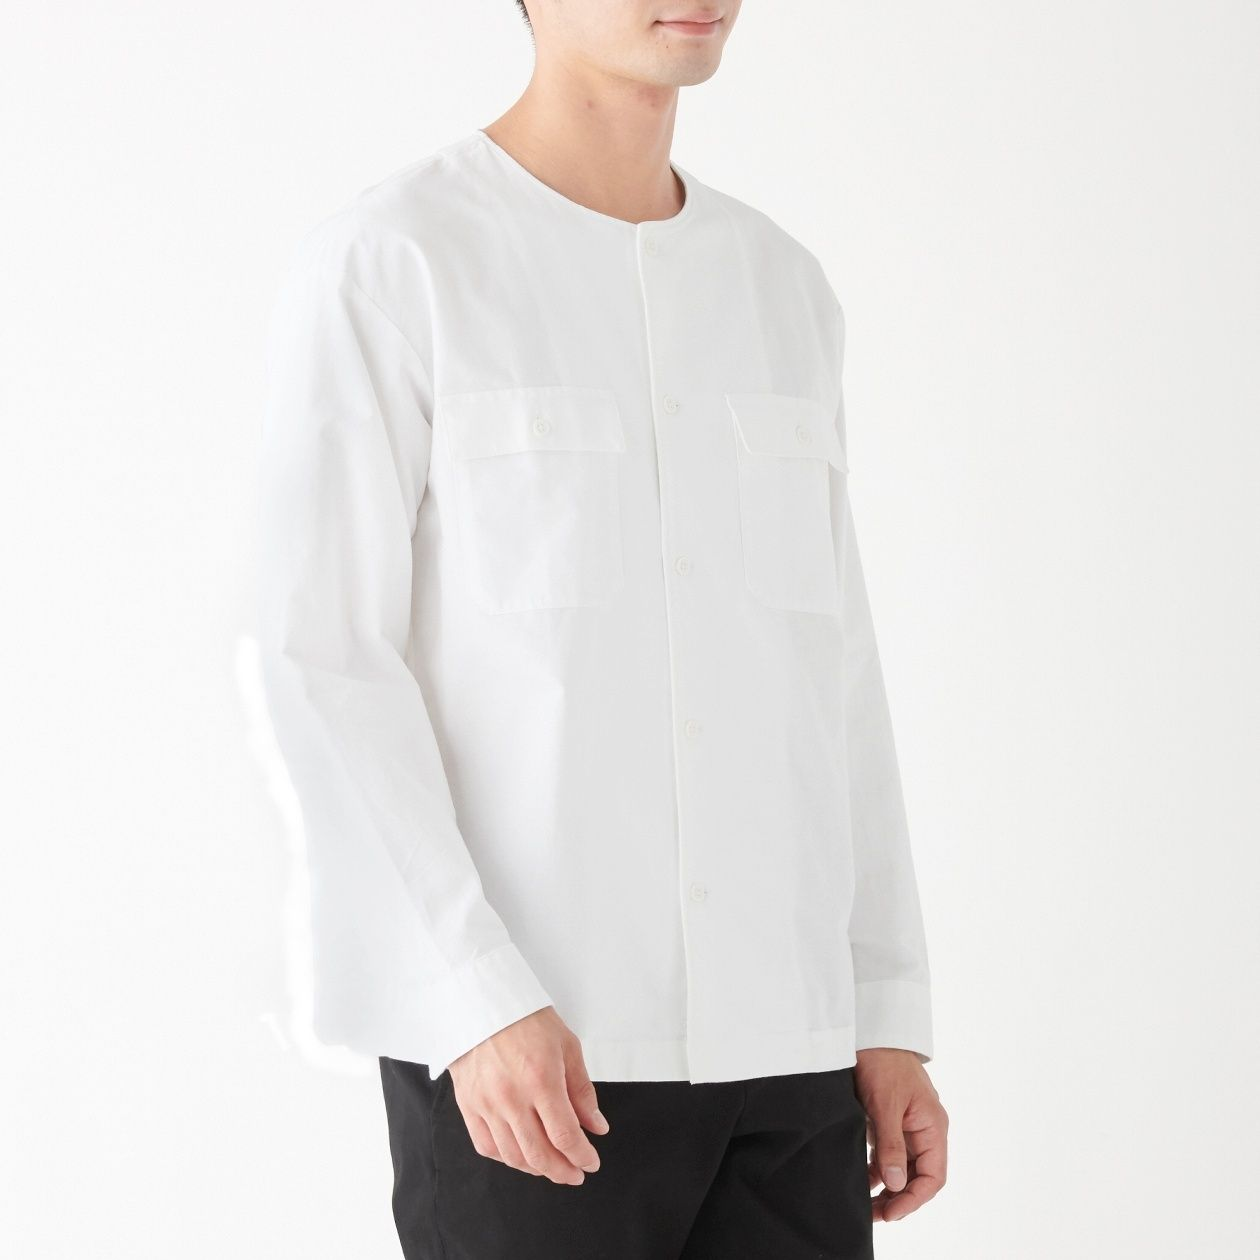 新疆綿オックスノーカラーシャツ